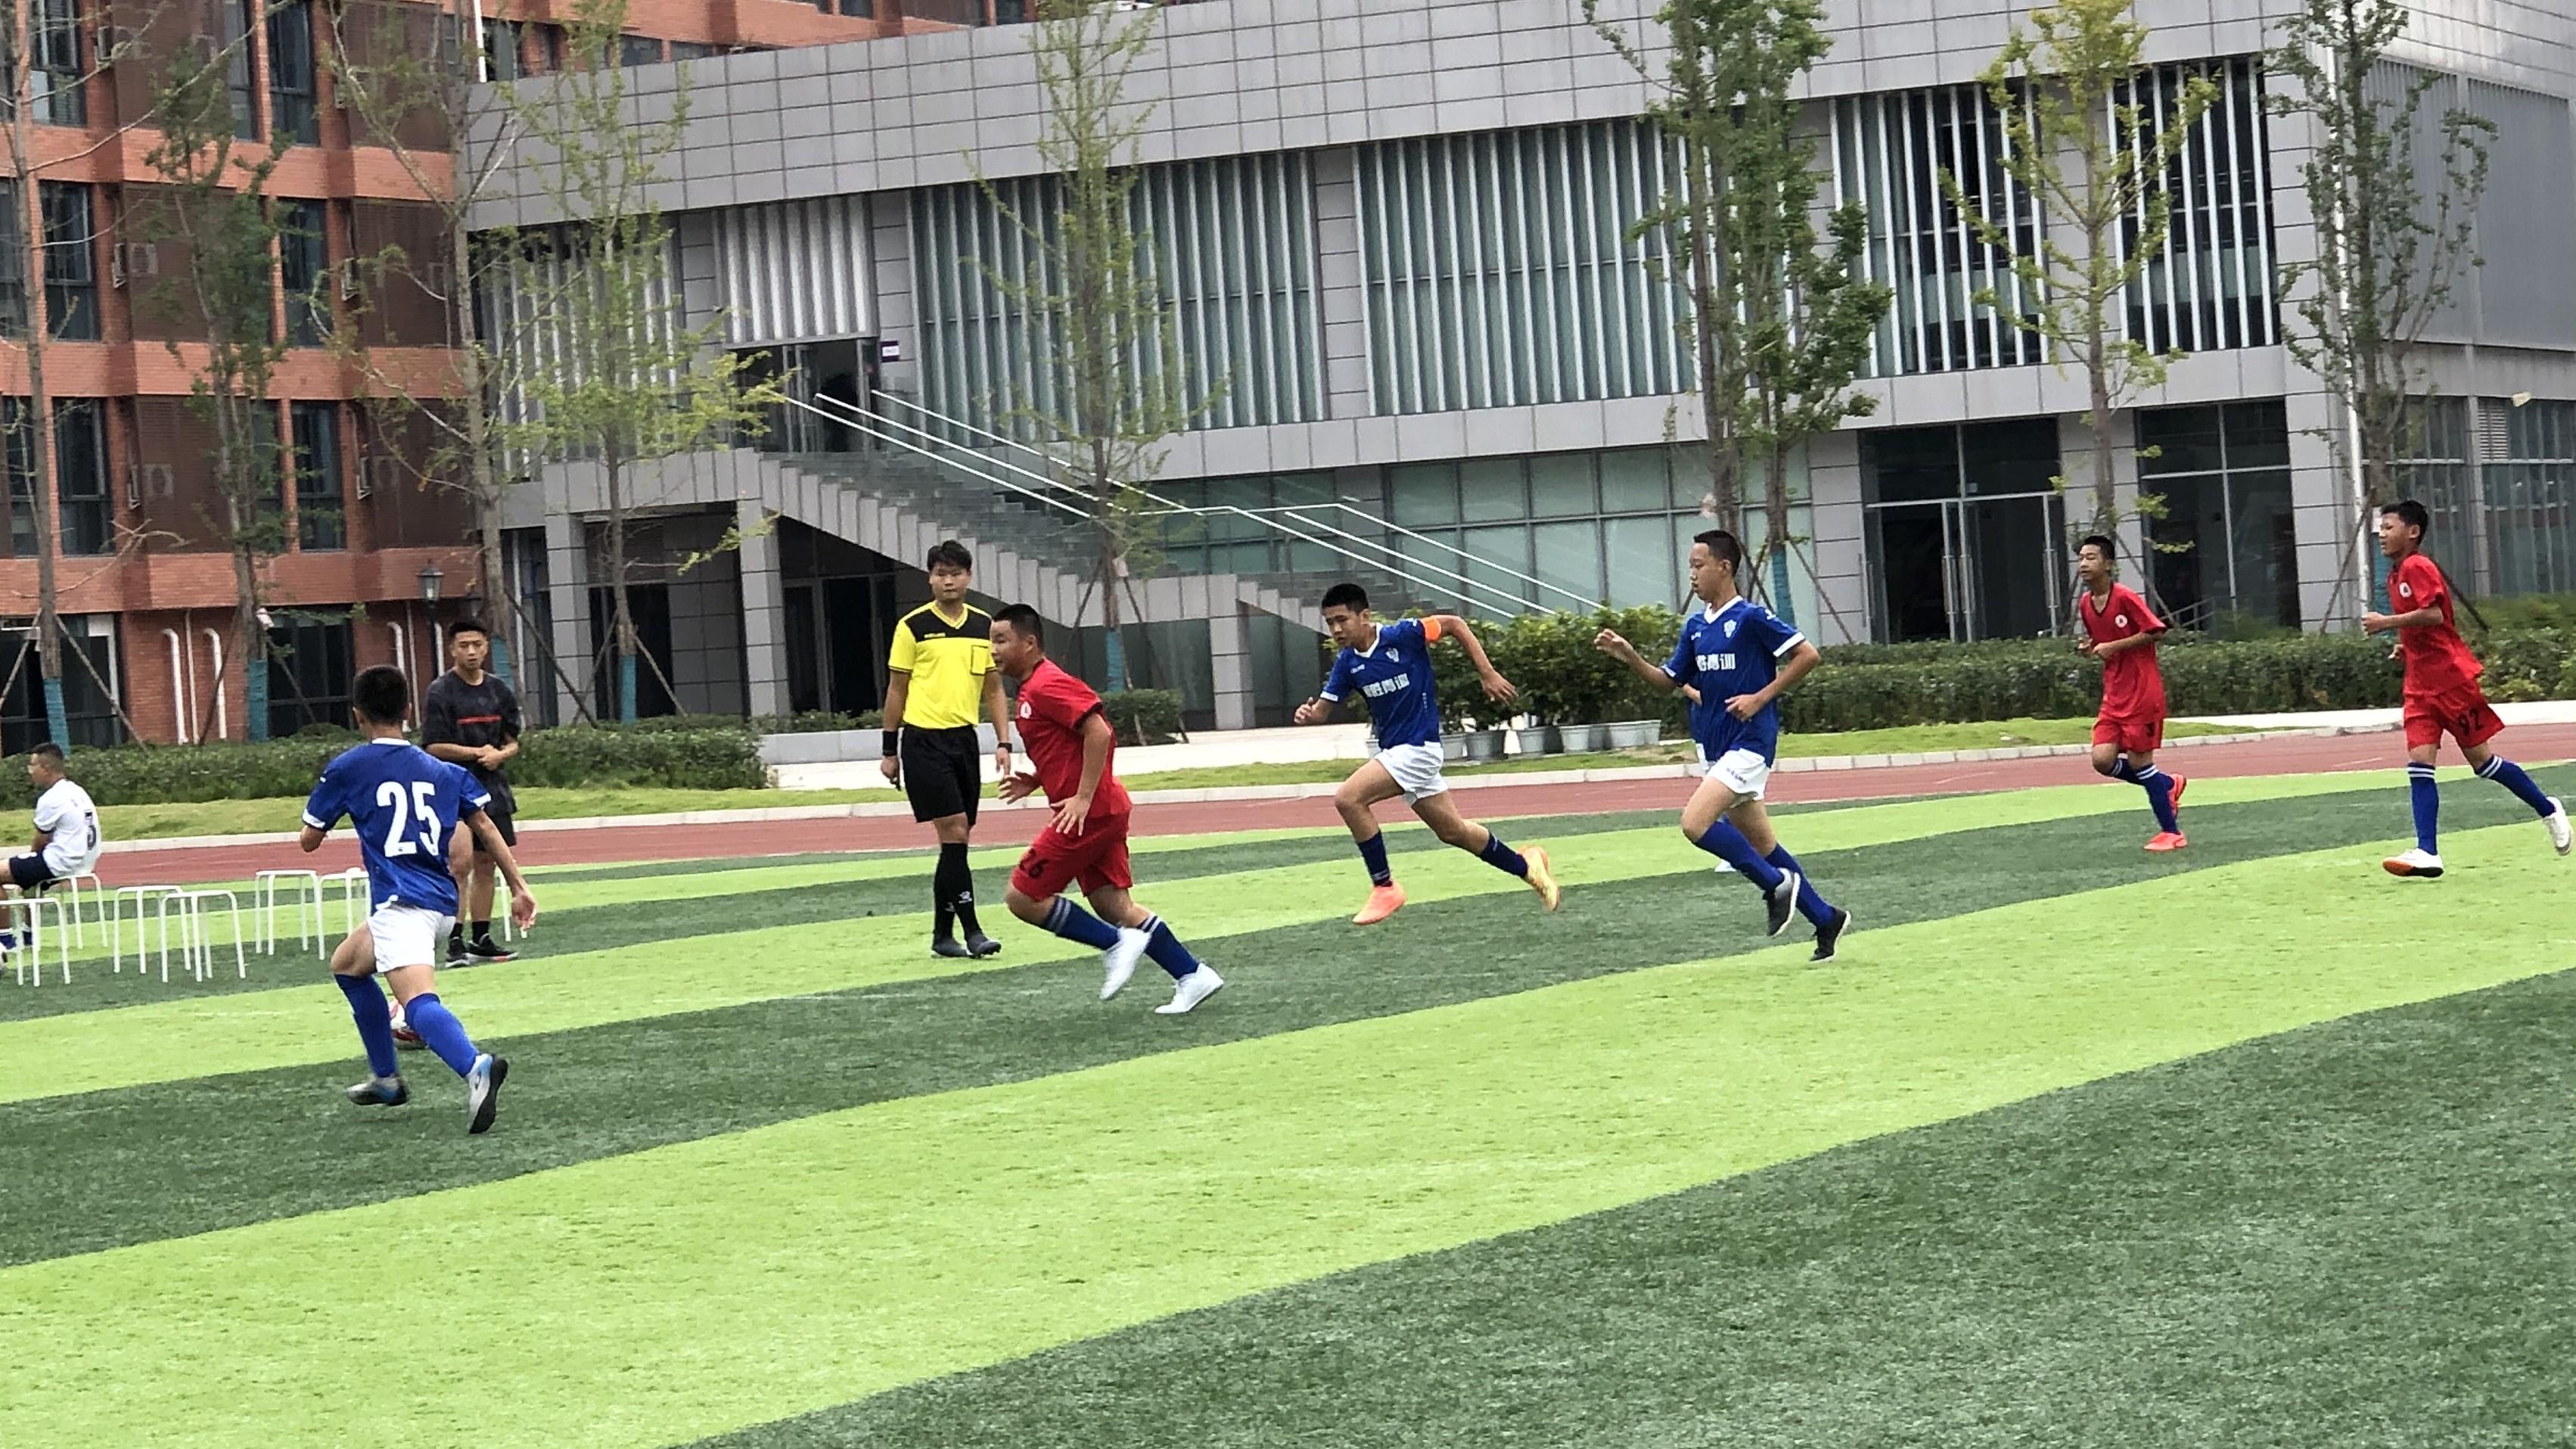 以赛促交流 武侯区中小学生足球赛开赛